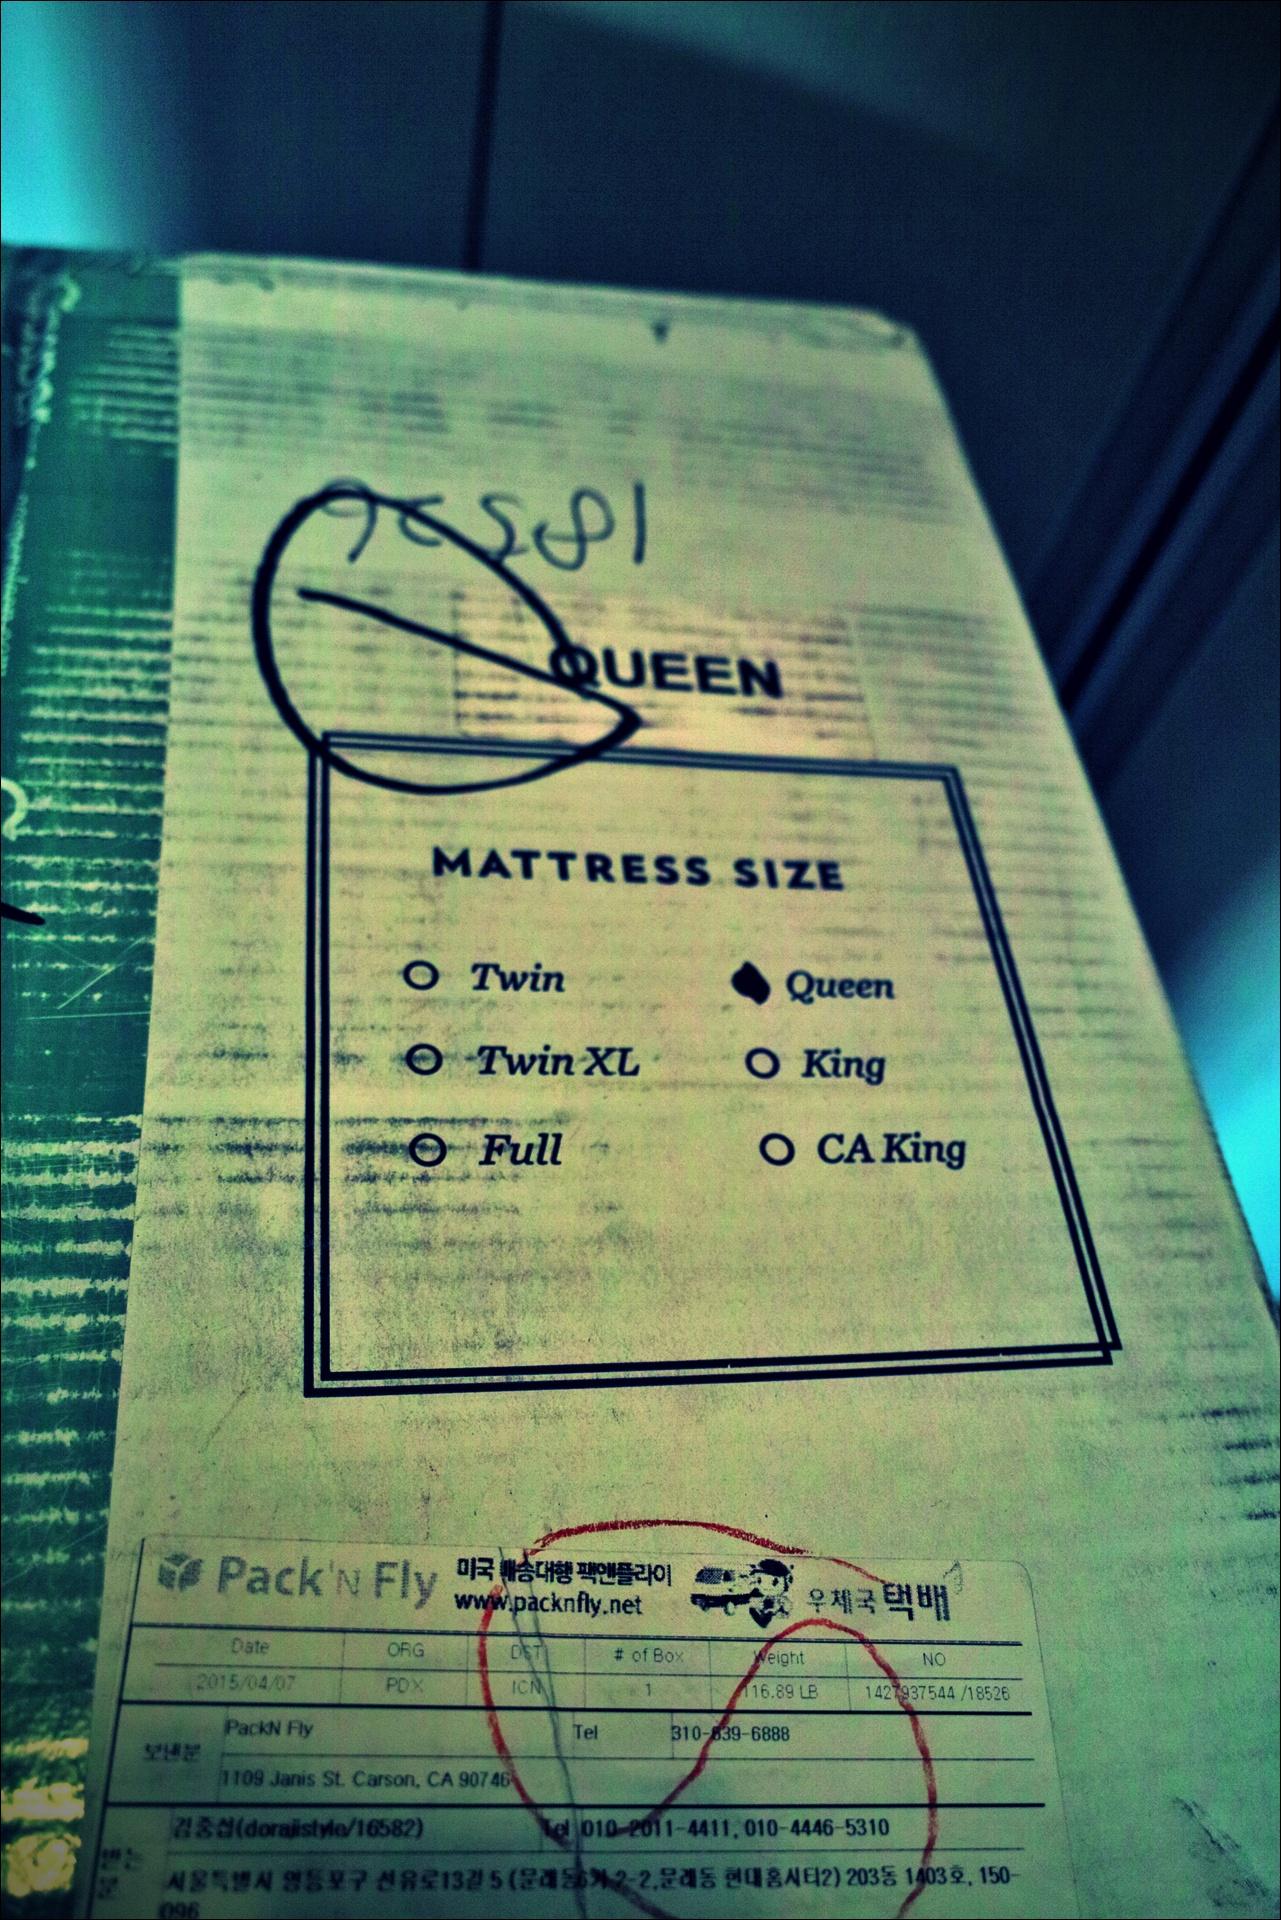 퀸 사이즈-'캐스퍼 메모리폼 매트리스 the casper mattress'